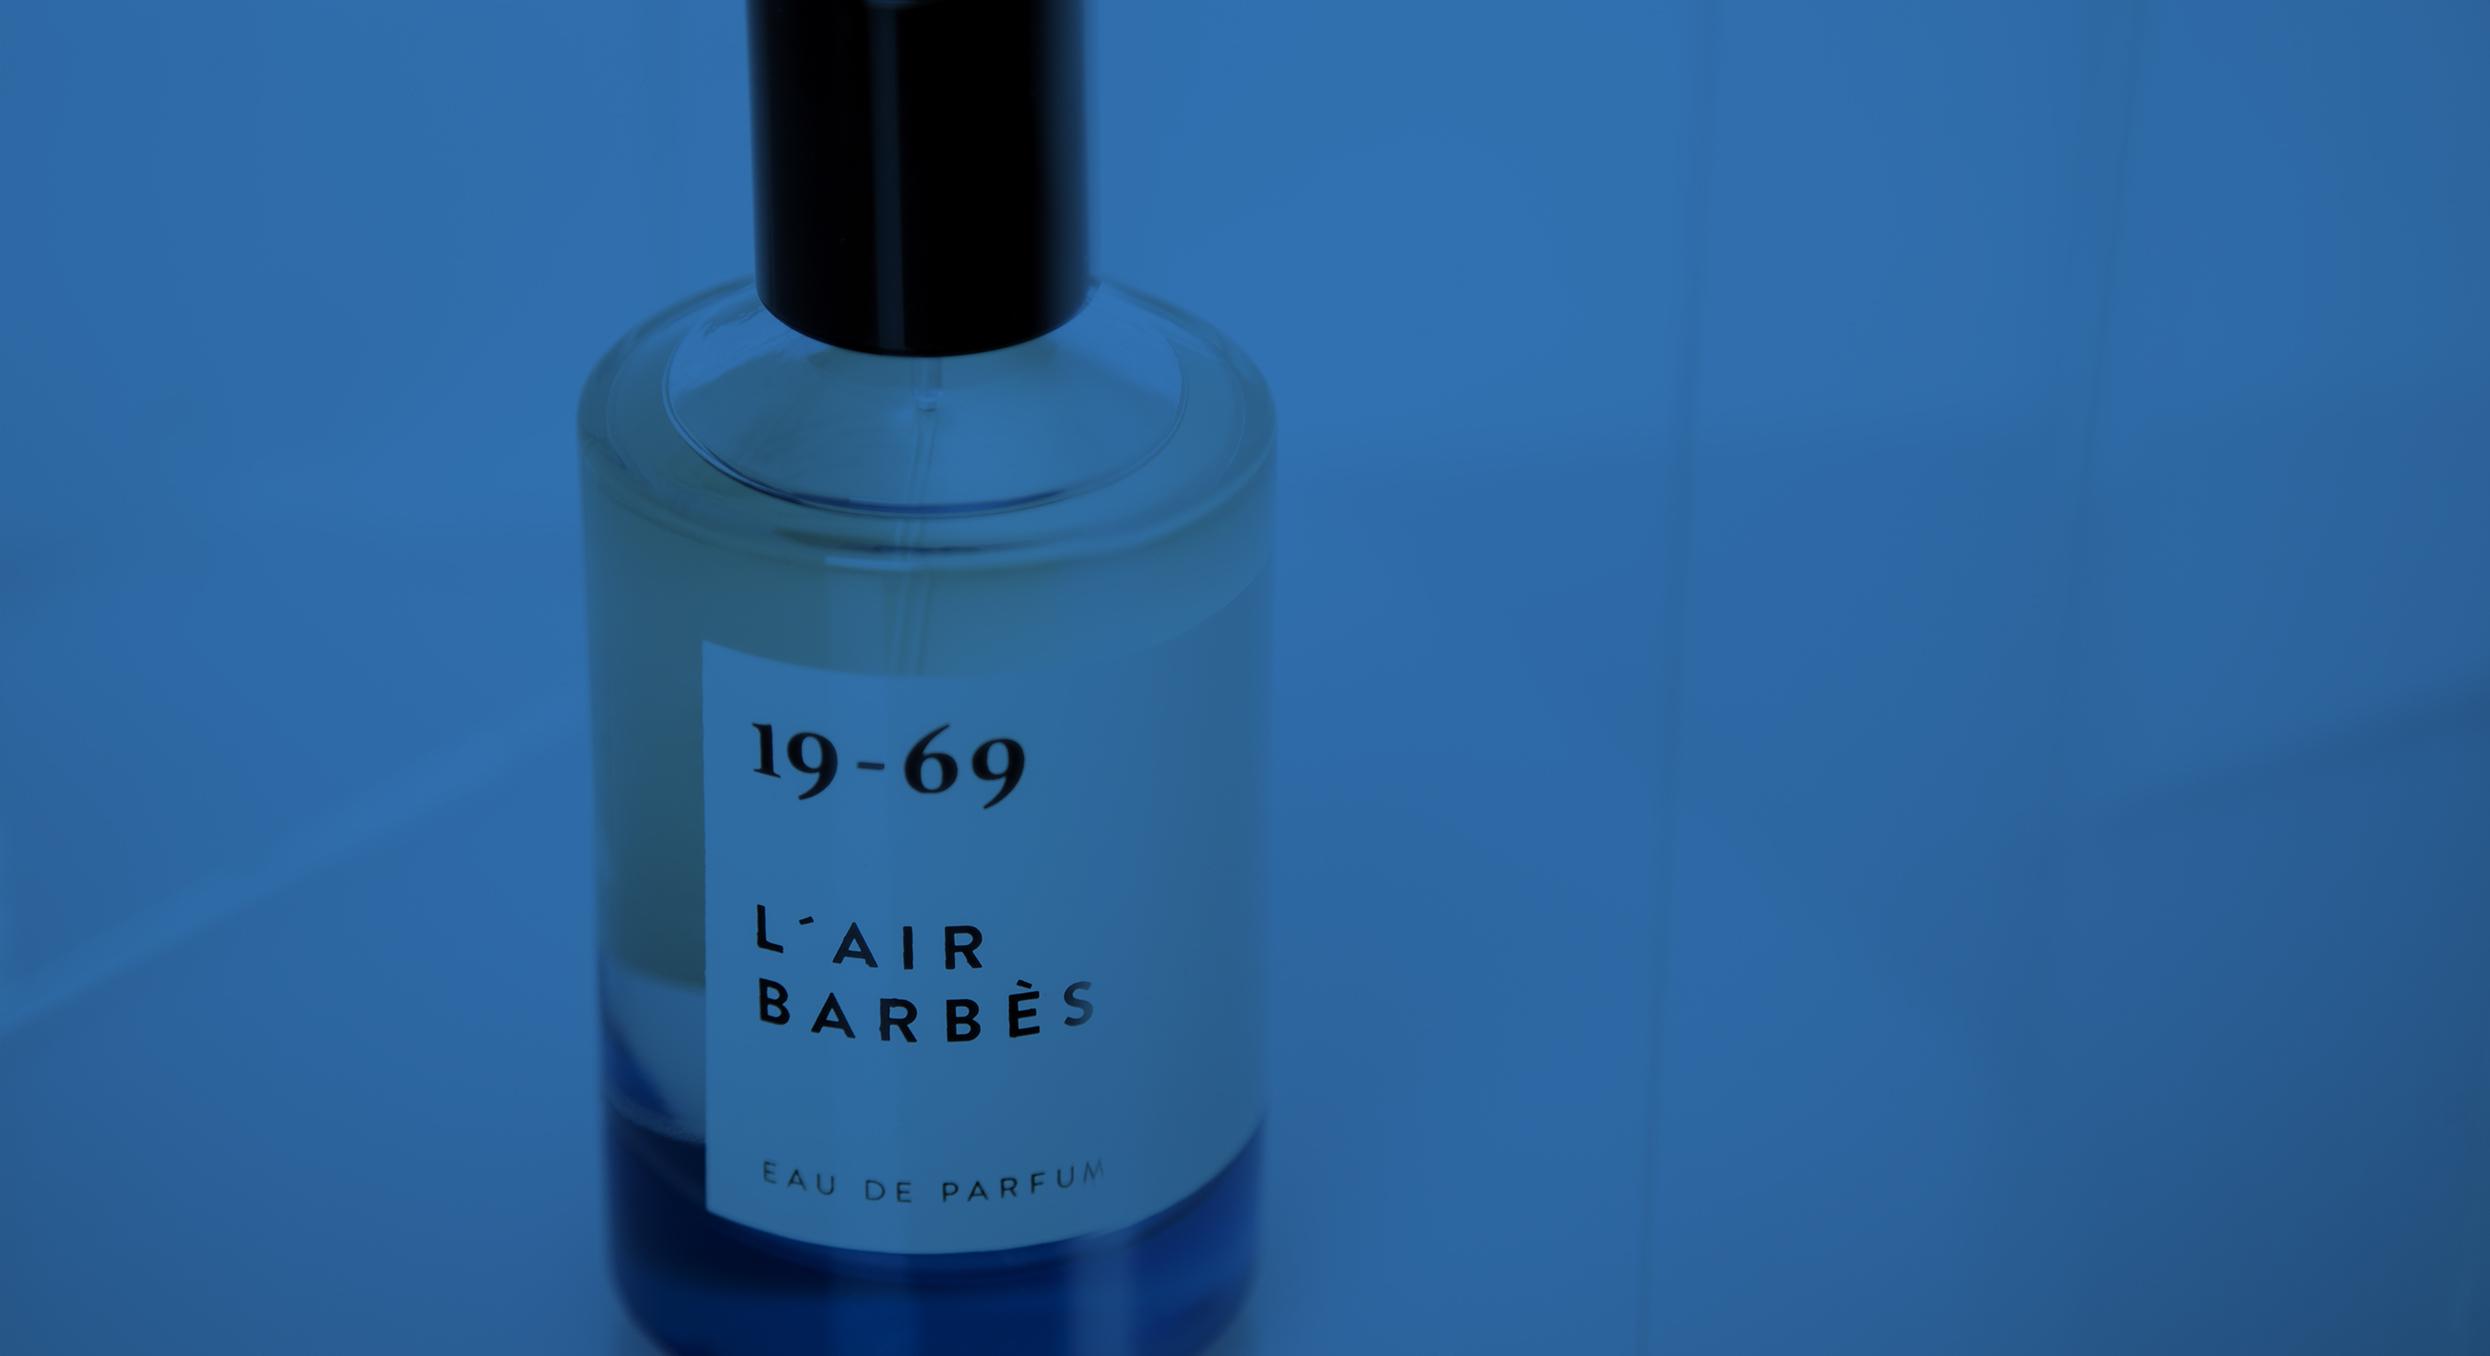 L'air Barbès från 19-69 är en hyllning till Paris